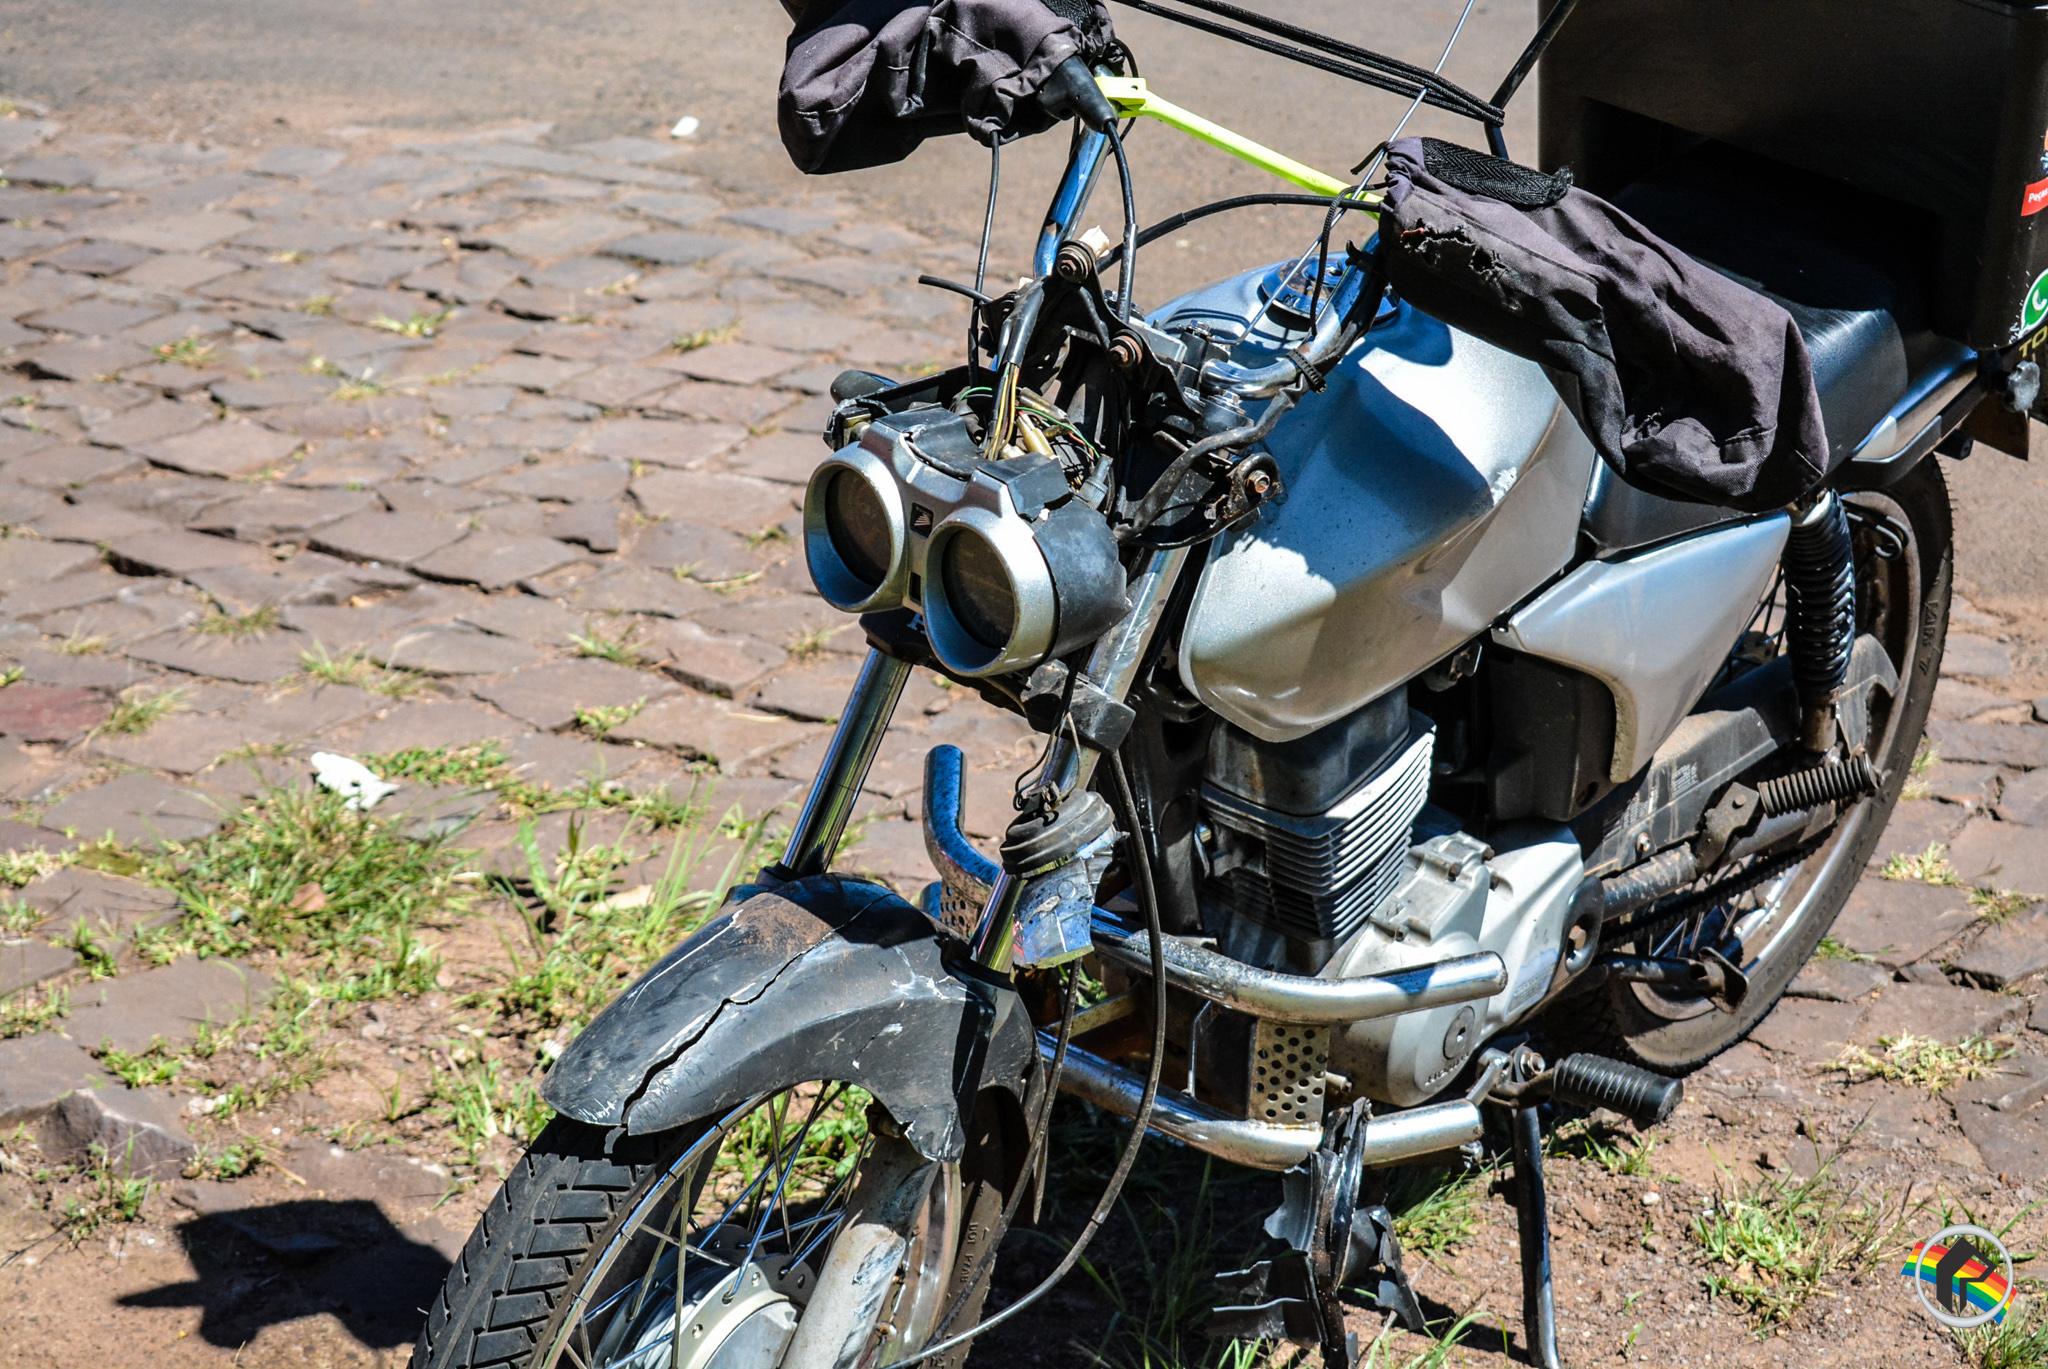 Motociclista fica ferido ao colidir na traseira de carro em São Miguel do Oeste